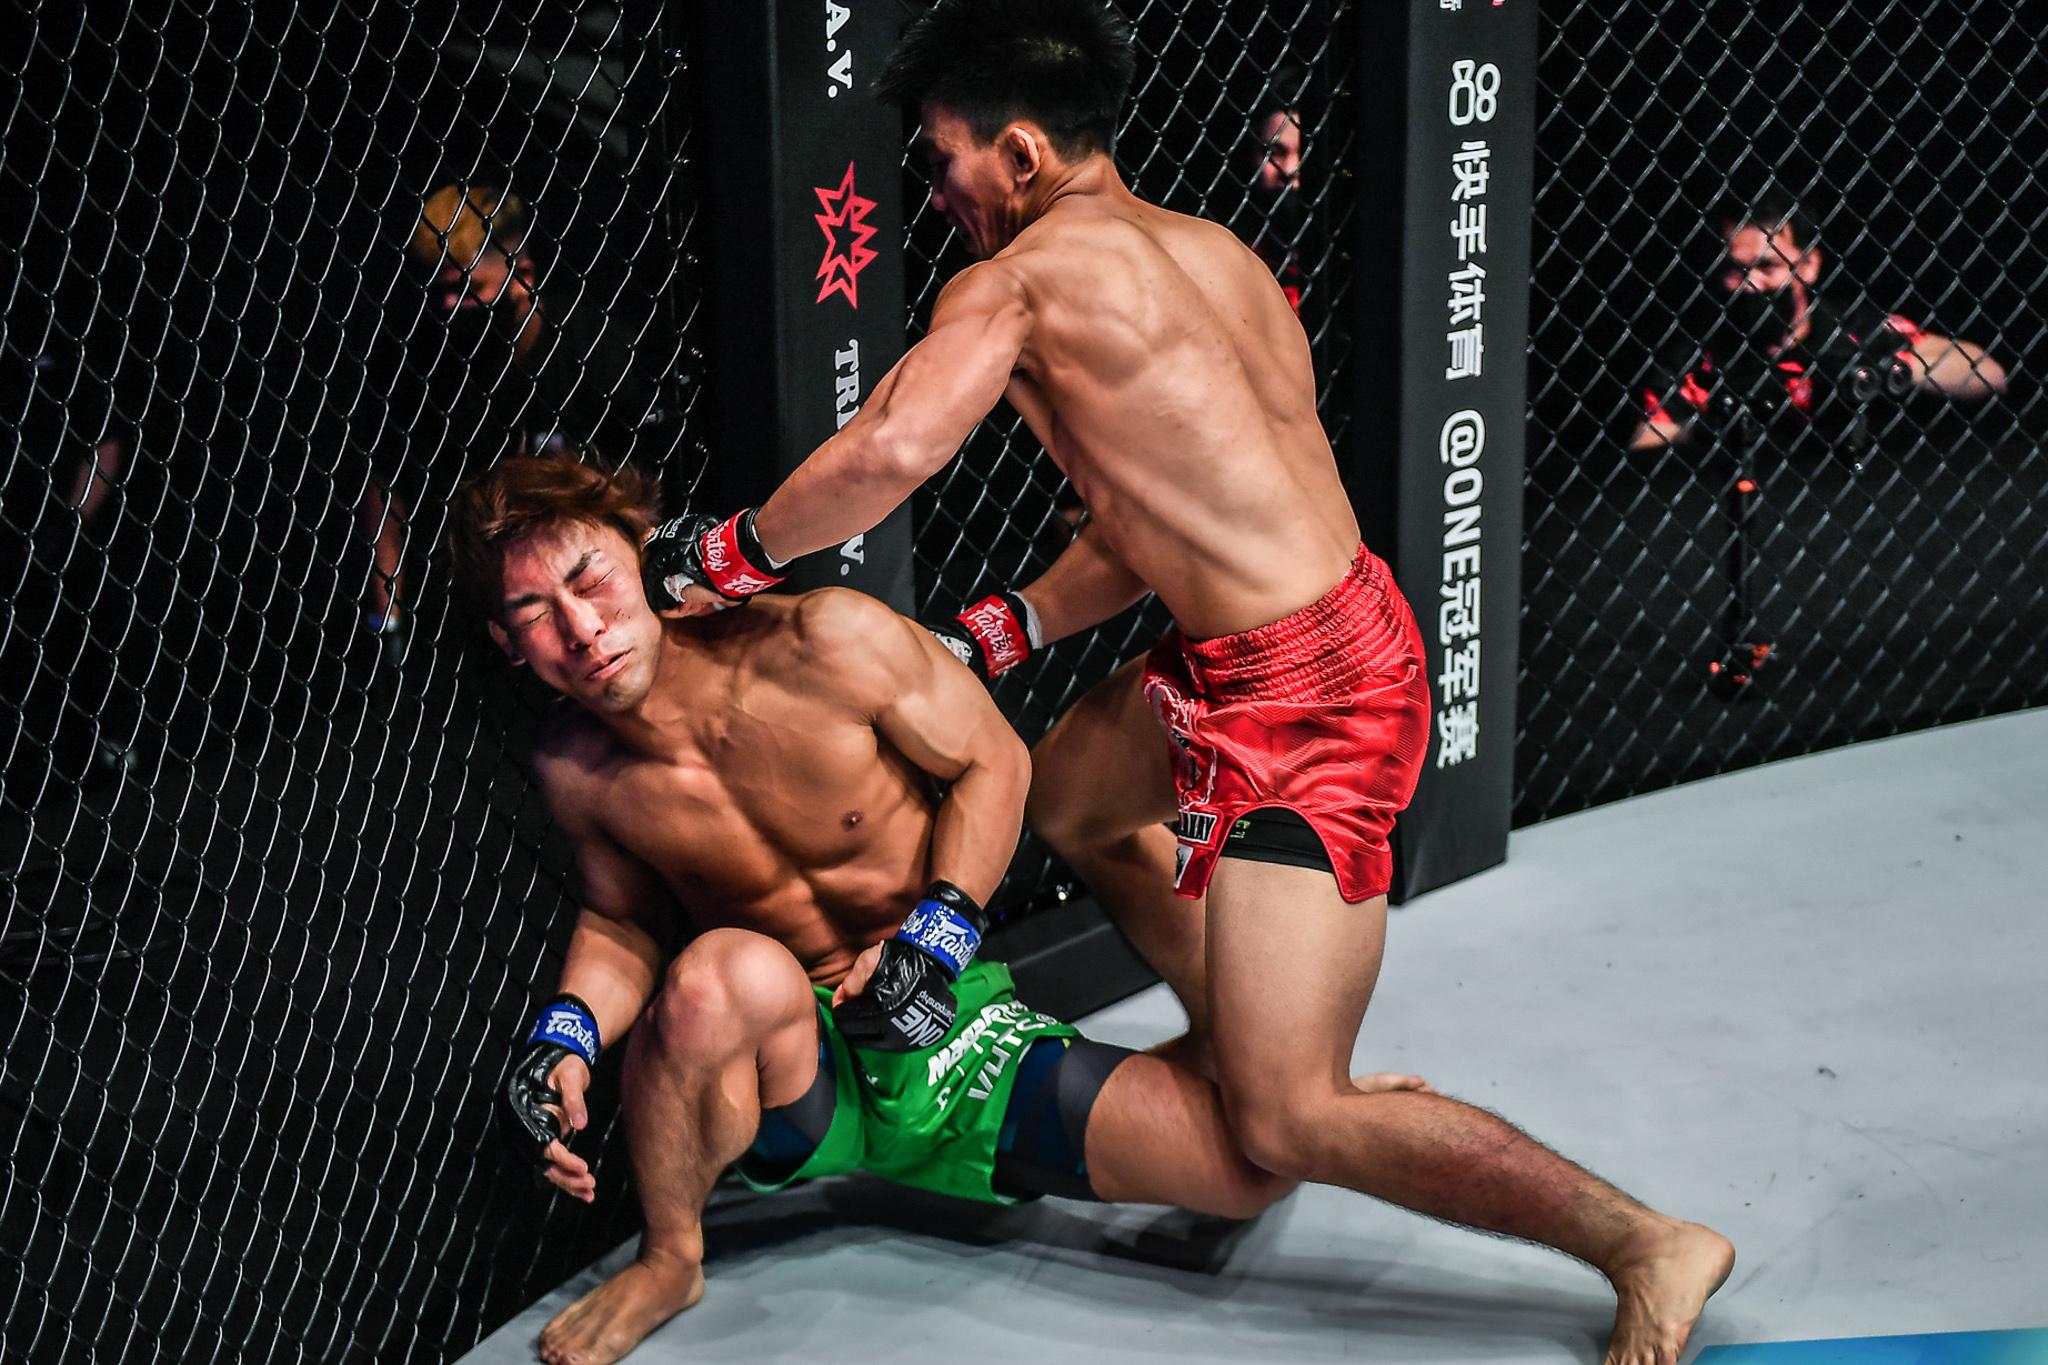 Joshua Pacio destroys Saruta to win trilogy bout